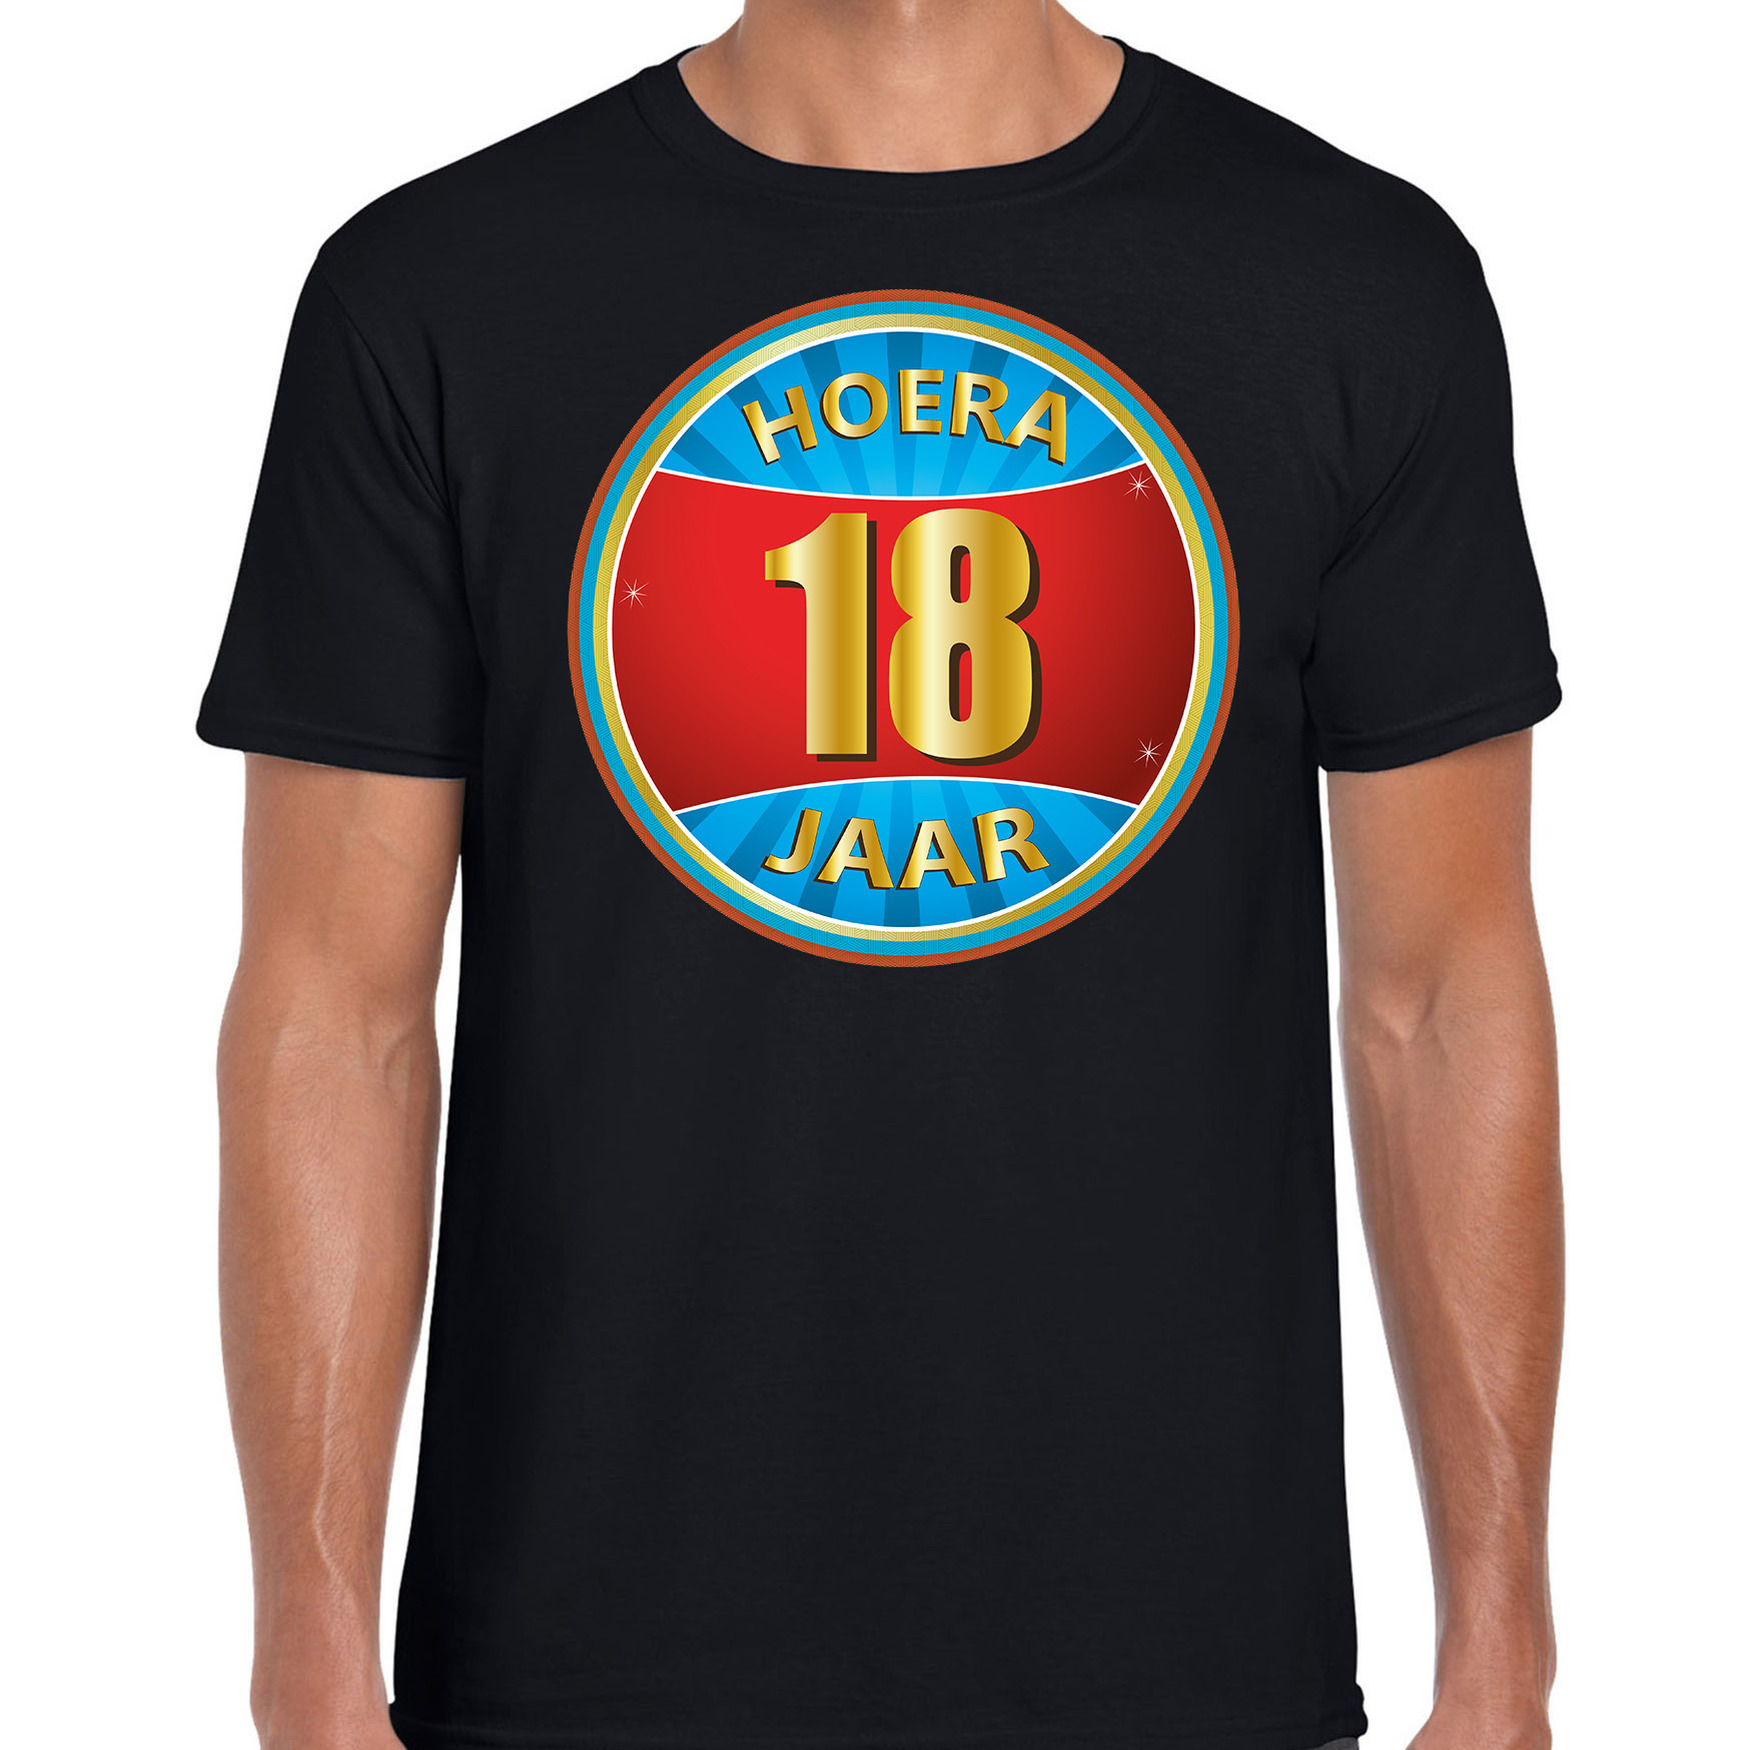 18e verjaardag cadeau t shirt hoera 18 jaar zwart voor heren